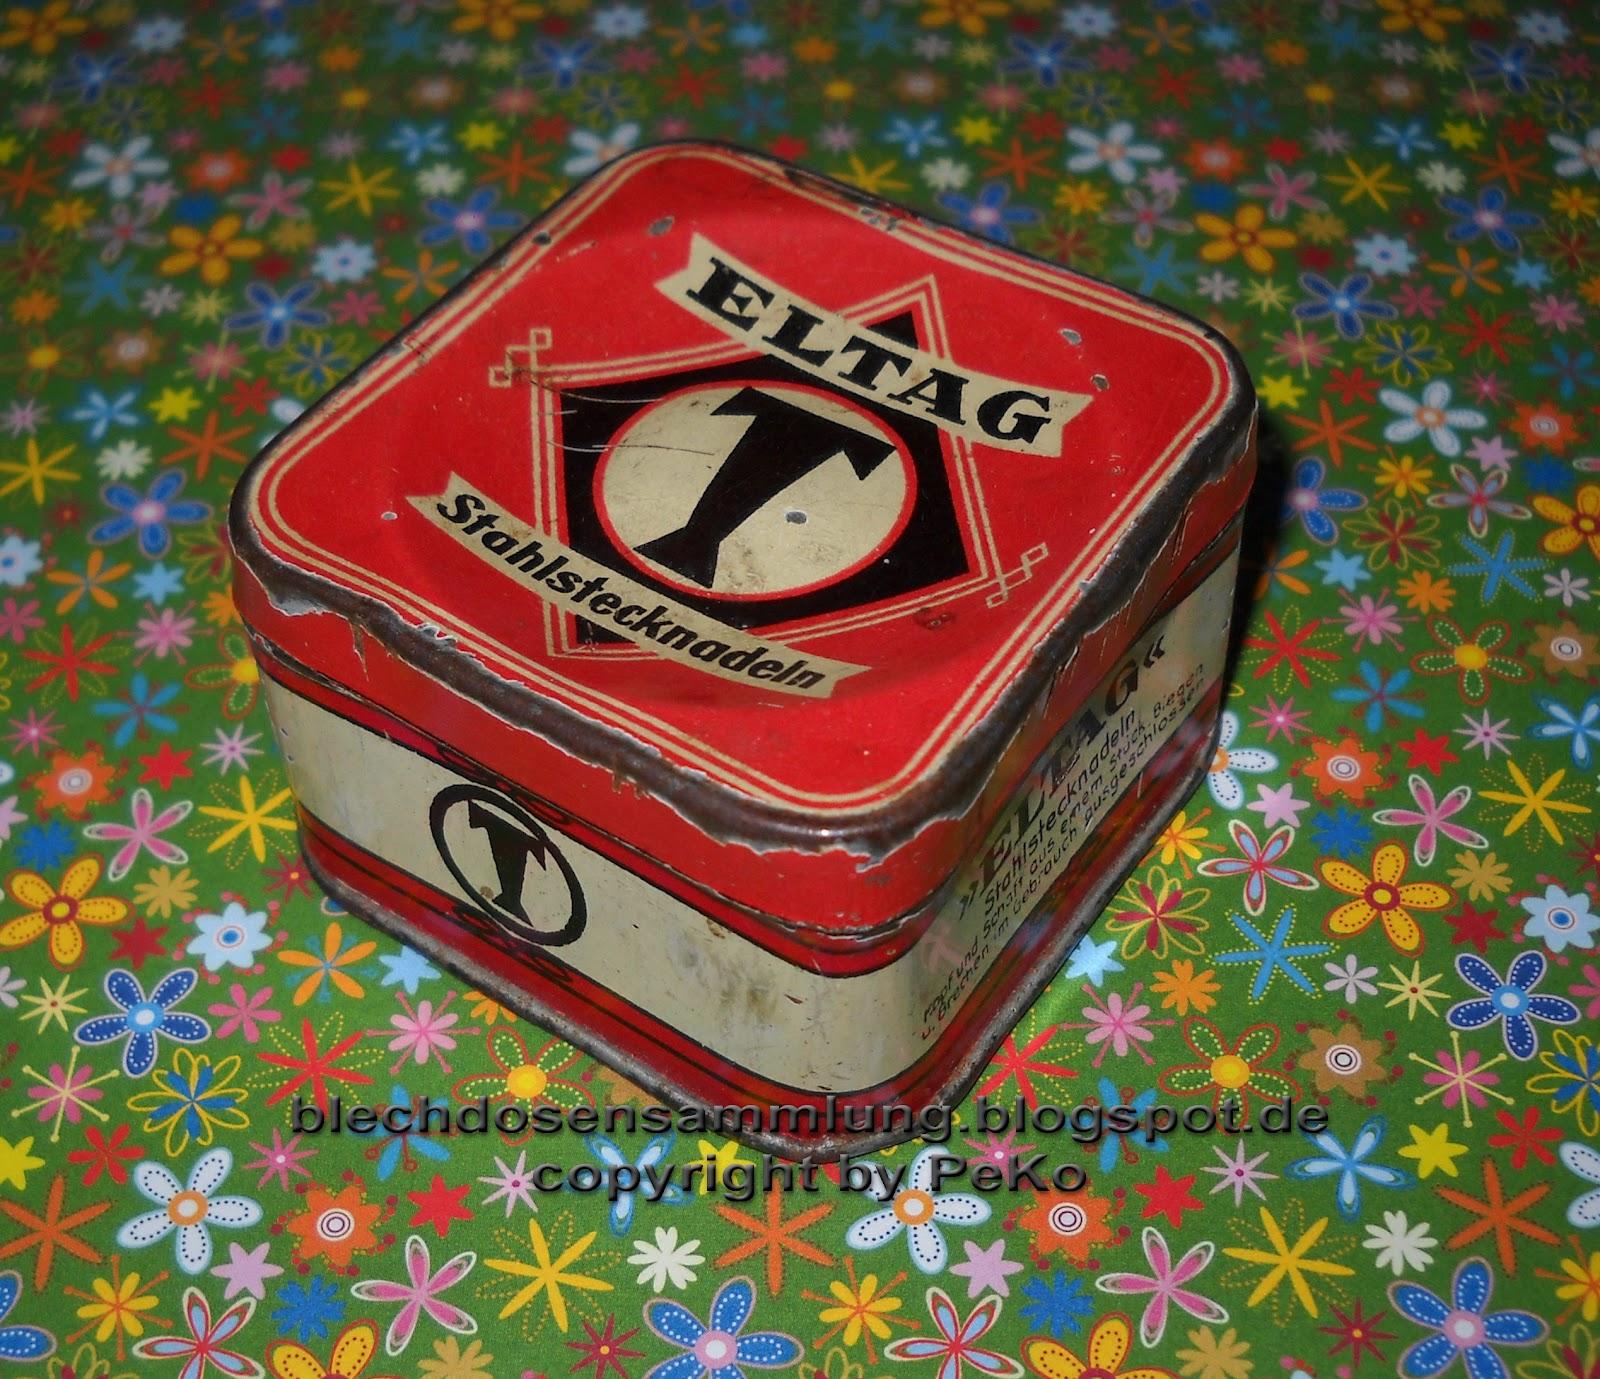 leonard tietz konzern